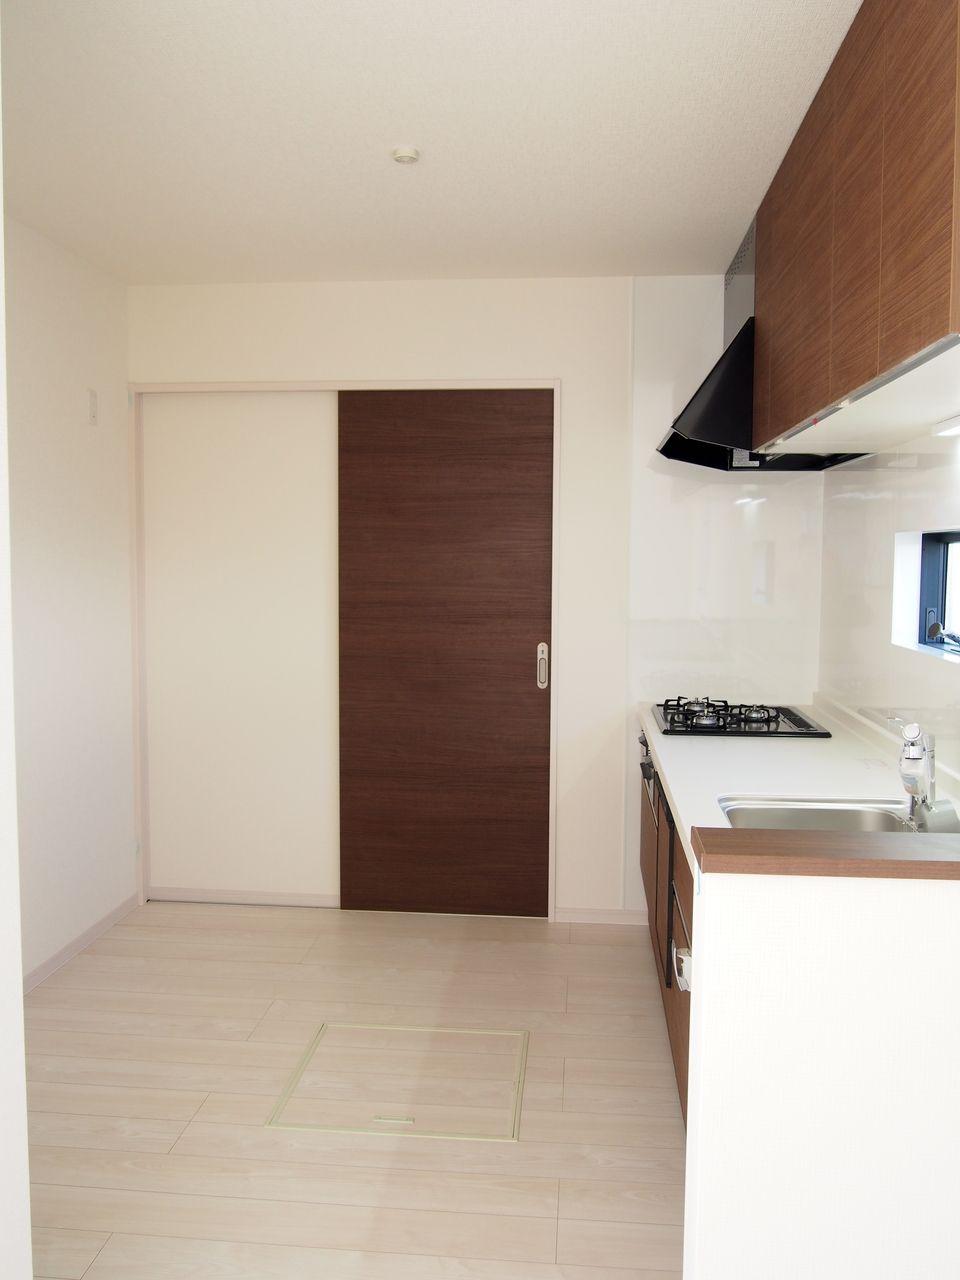 食器棚をおいても作業スペースが広い。